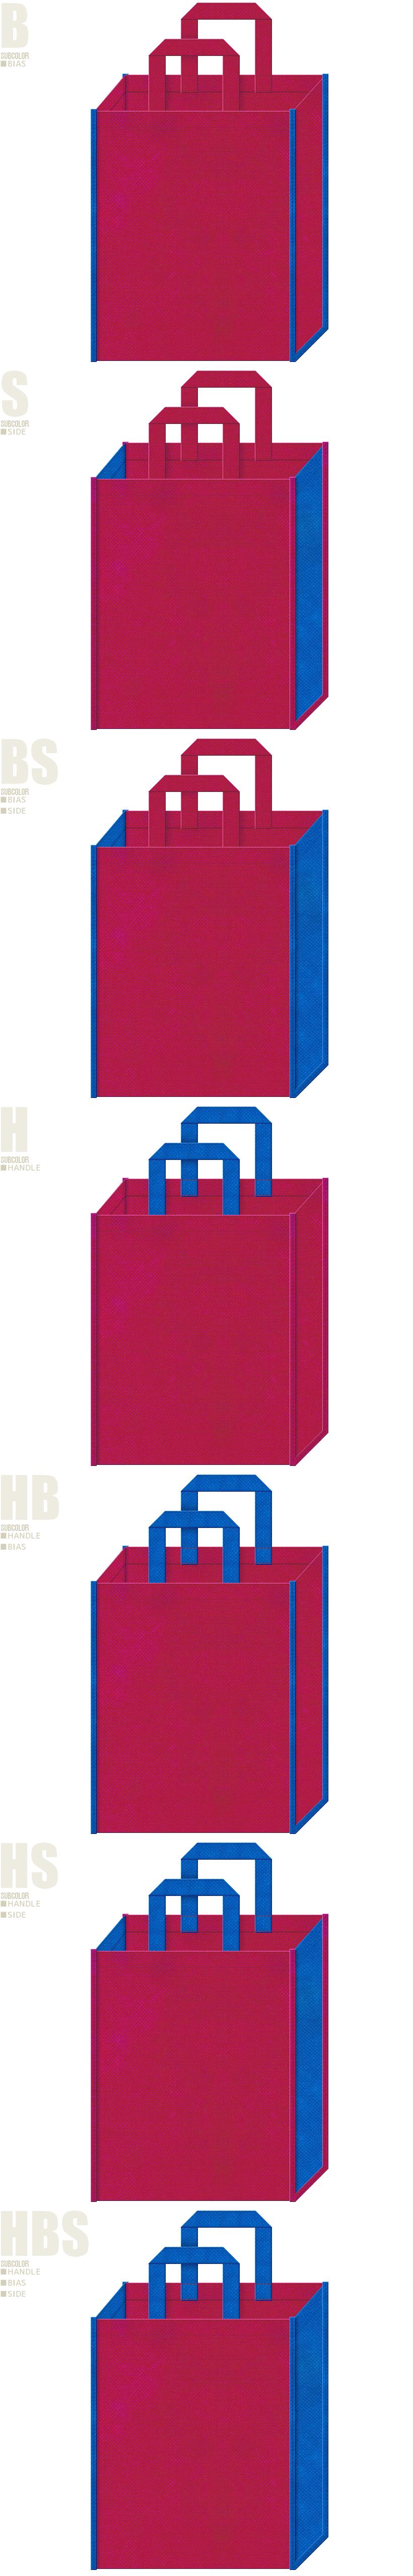 不織布トートバッグ 不織布カラーNo.39ピンクバイオレットとNo.22スカイブルーの組み合わせ